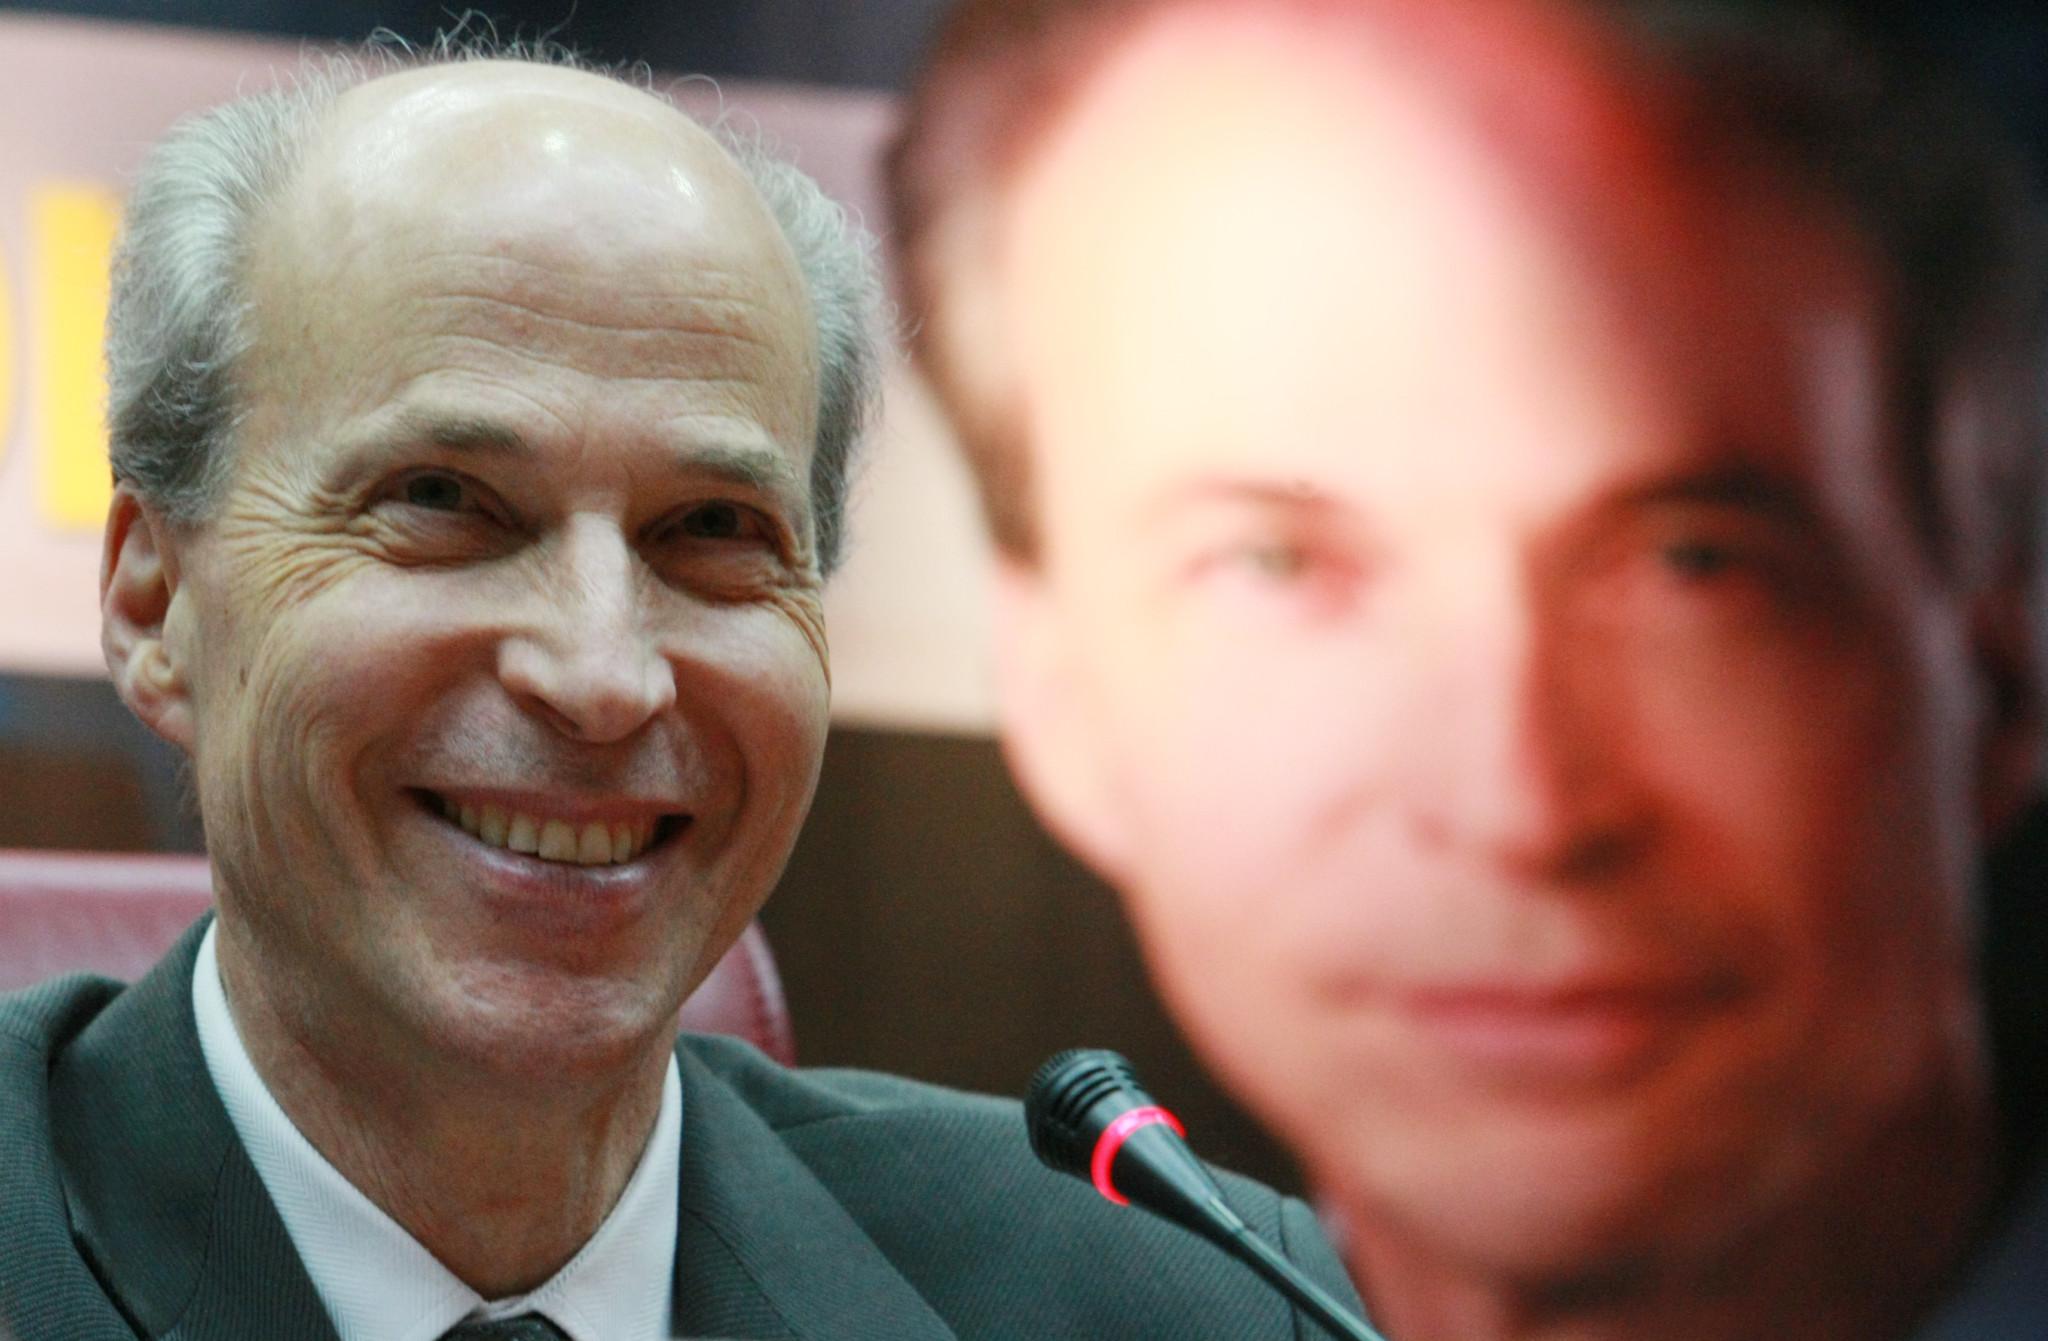 Chemistry Nobel Laureate Prof. Roger D. Kornberg